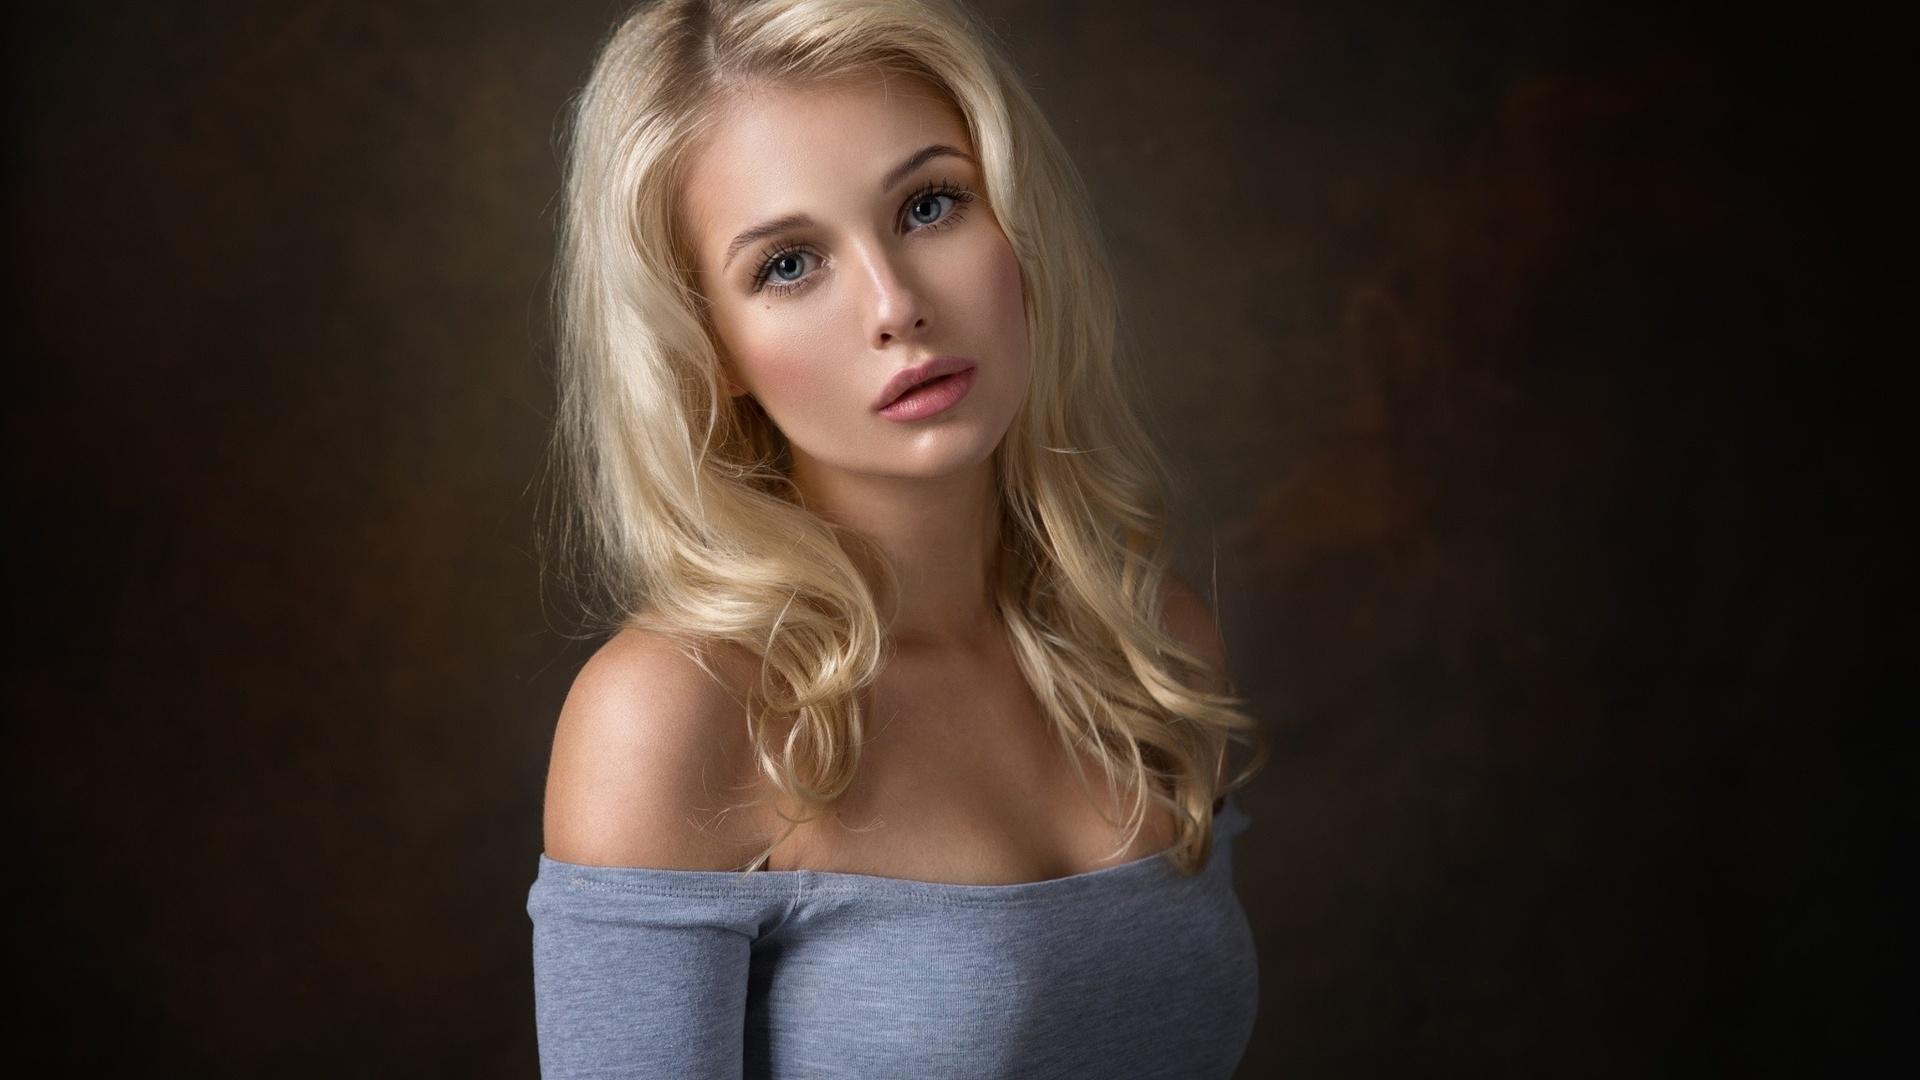 картинки девчонки блондинки профессиональные - 14